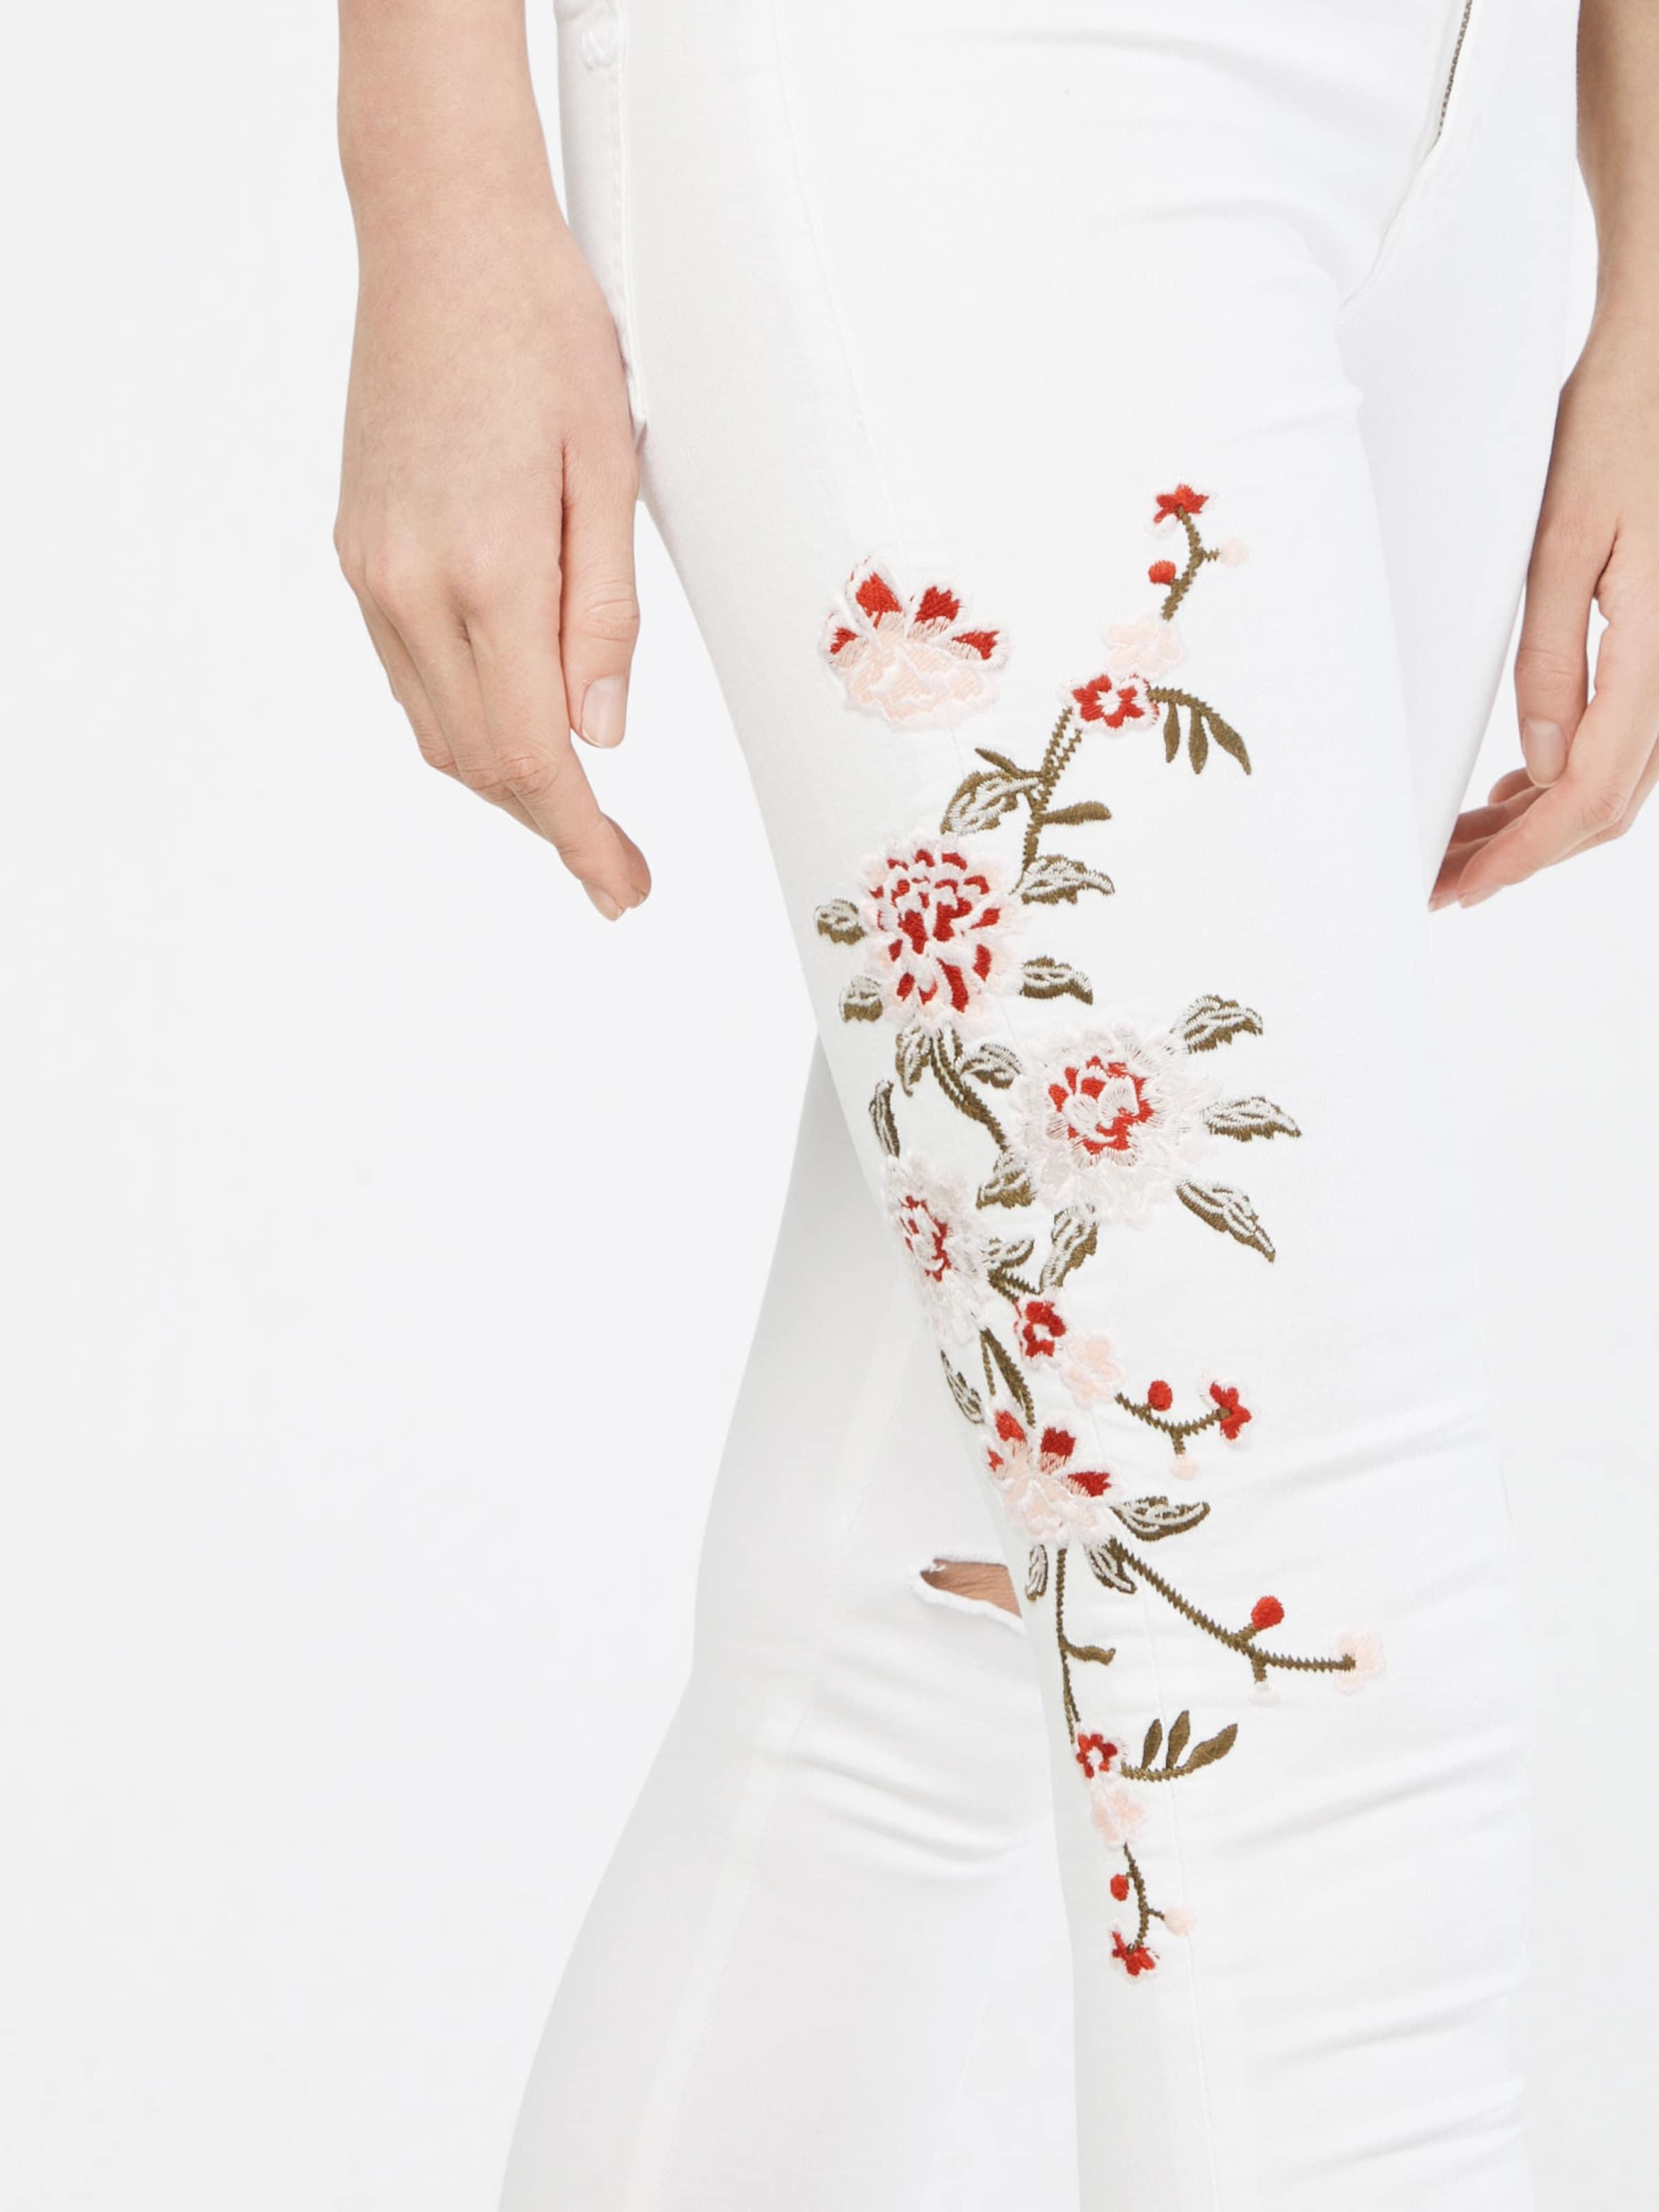 Äußerst LTB 'Lonia' Super Skinny Mid Rise Jeans Aussicht Hohe Qualität Günstiger Preis Kaufen Billig Zu Kaufen fHblldv